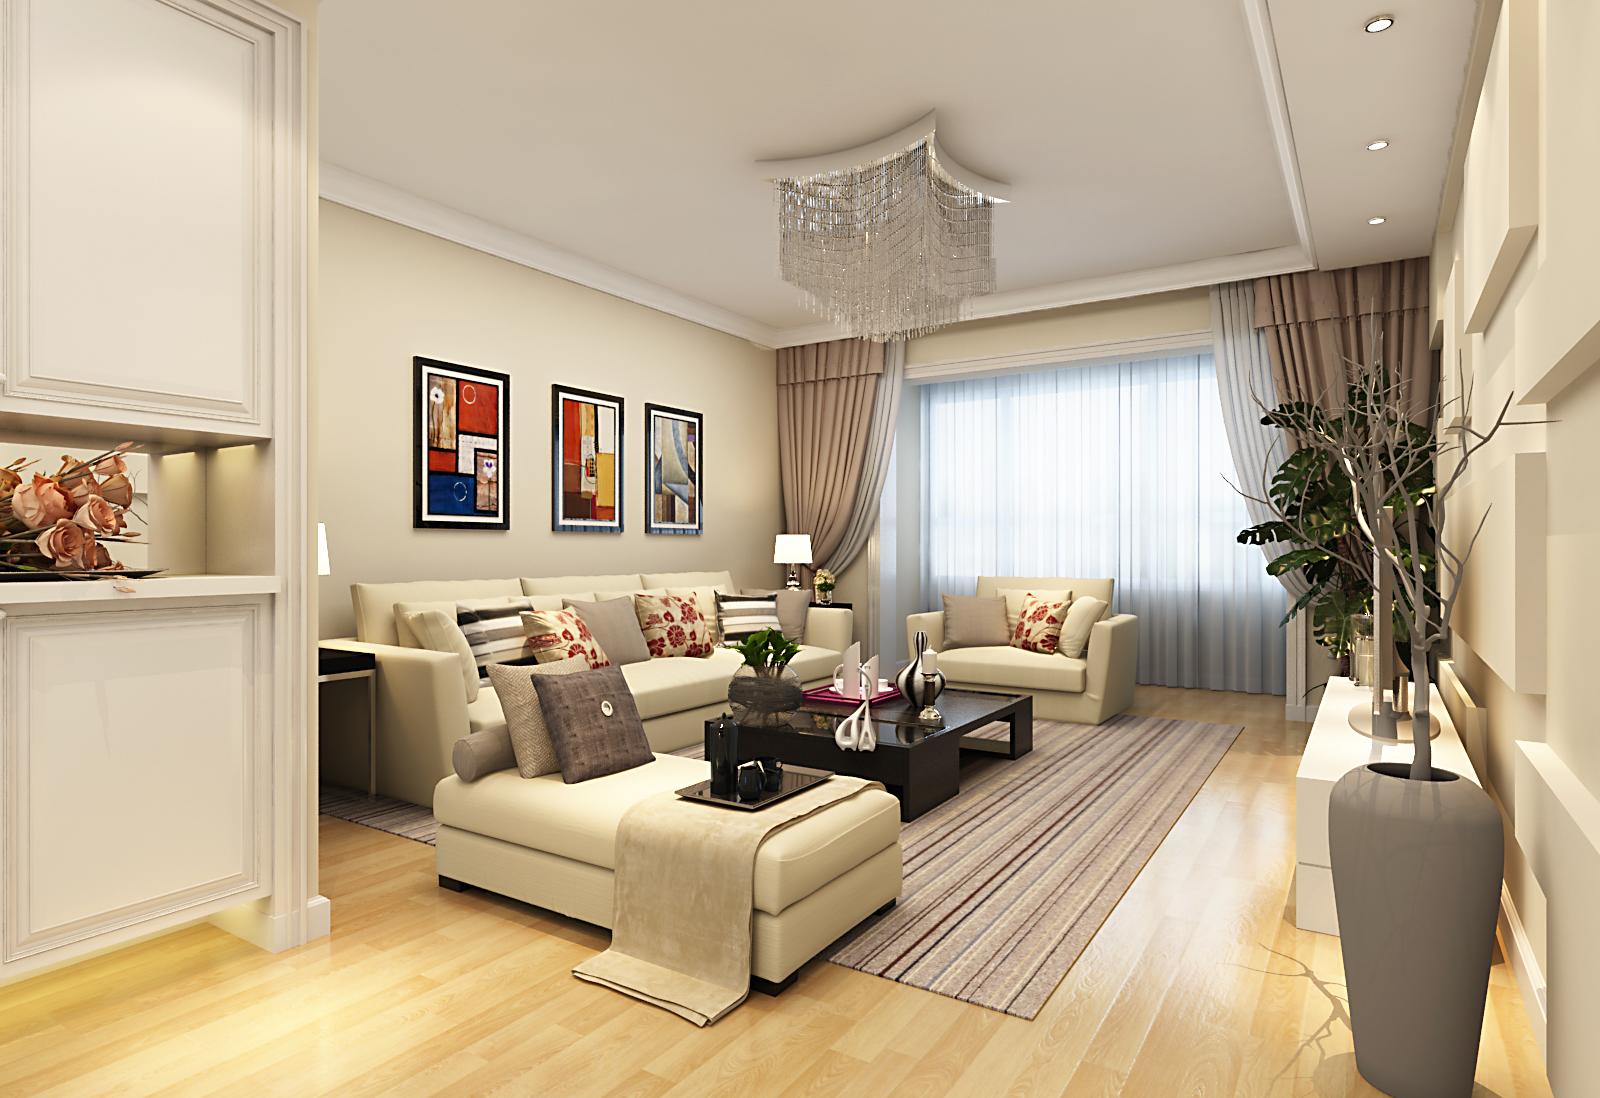 客厅图片来自广州实创装饰朱建芳在珠江御景湾144平现代简约风格的分享